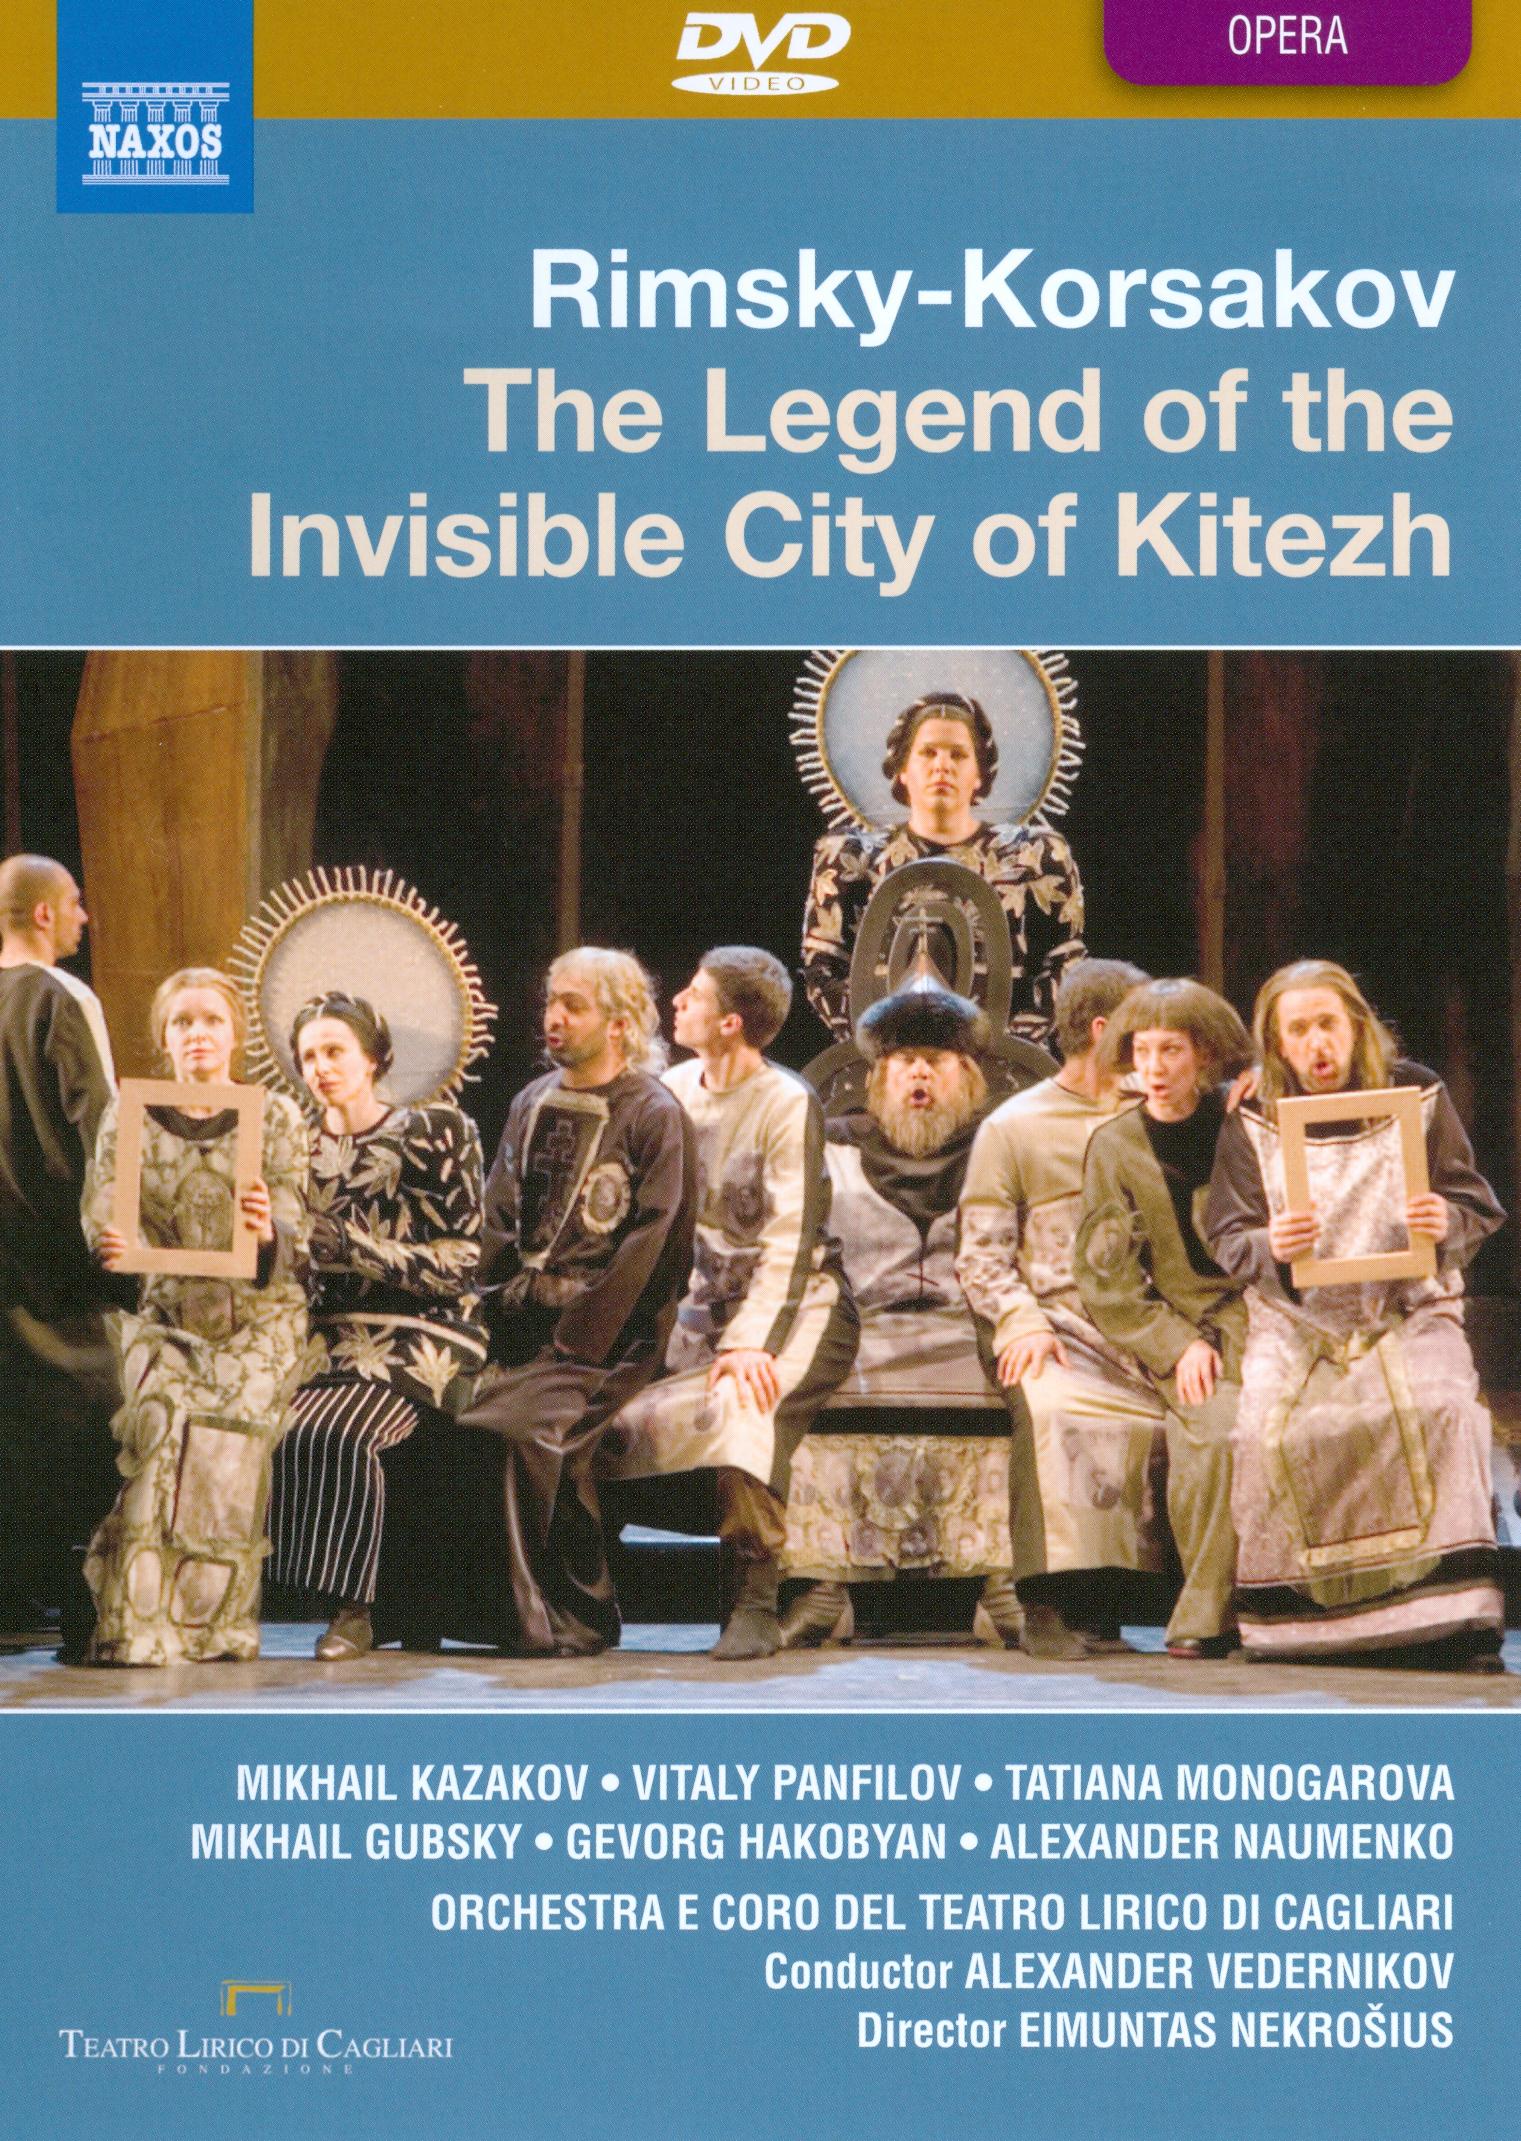 The Legend of the Invisible City of Kitezh (Teatro Lirico di Cagliari)